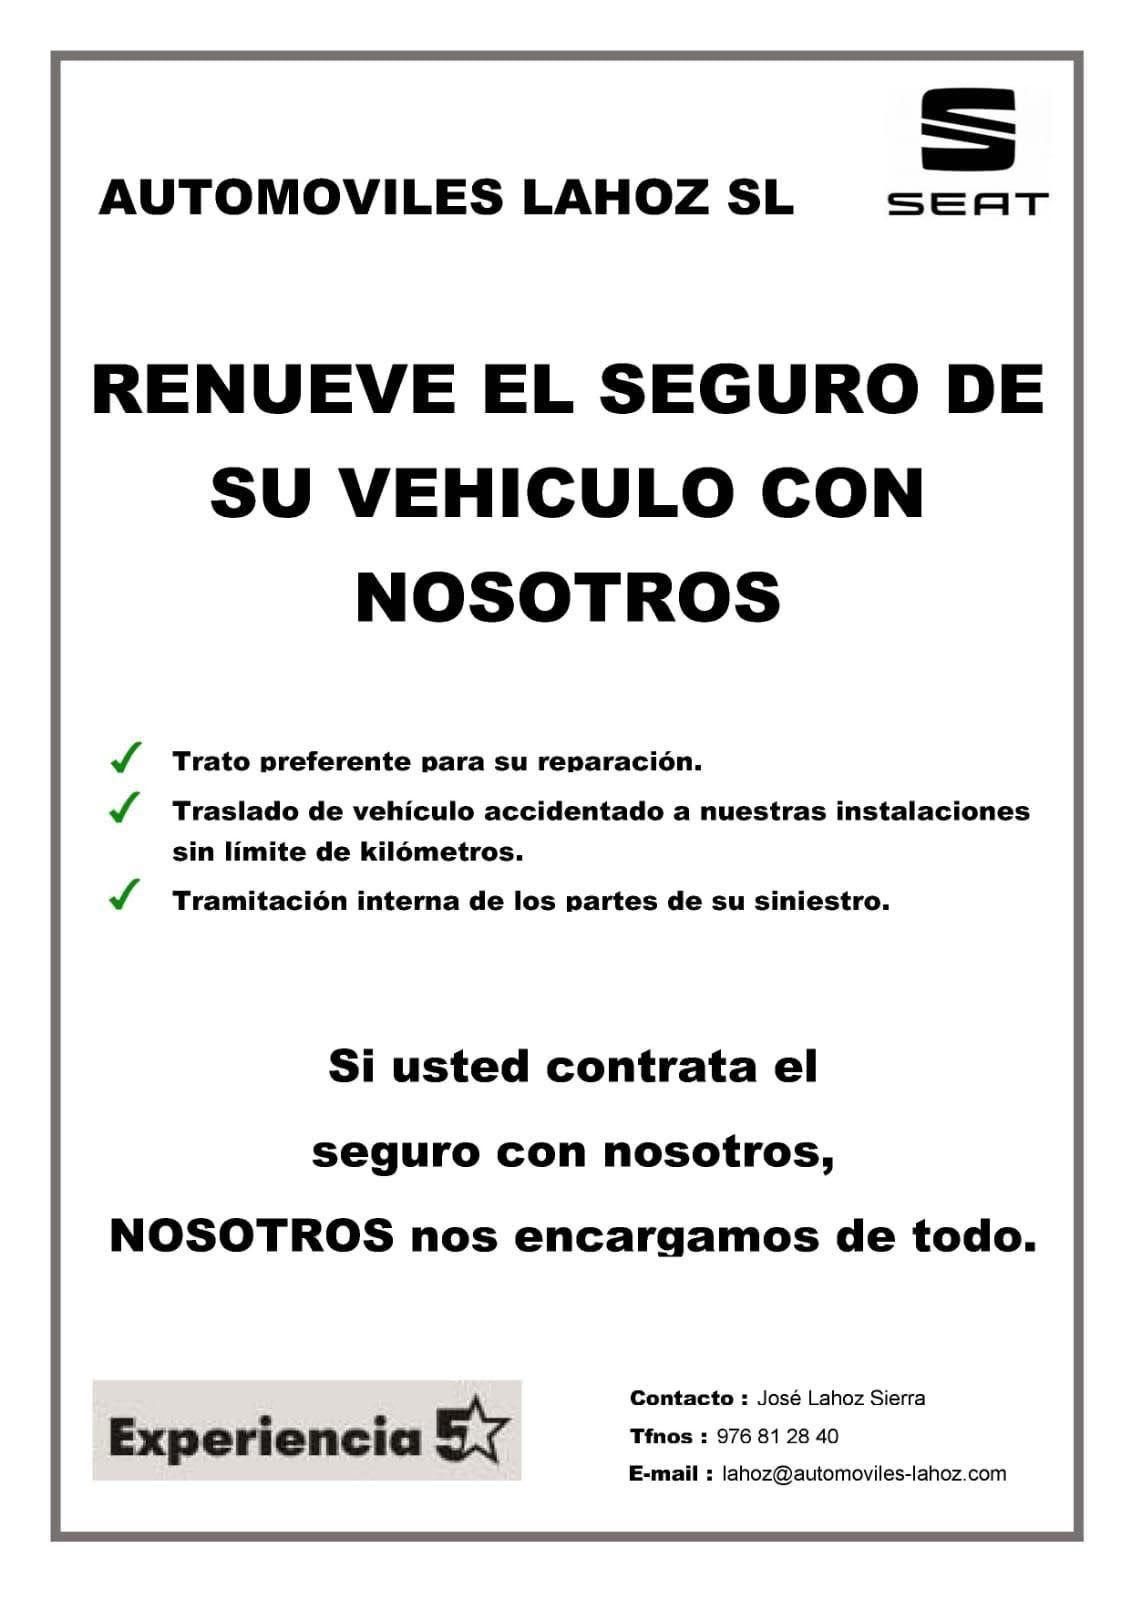 Renueve el seguro de su vehiculo con nosotros.